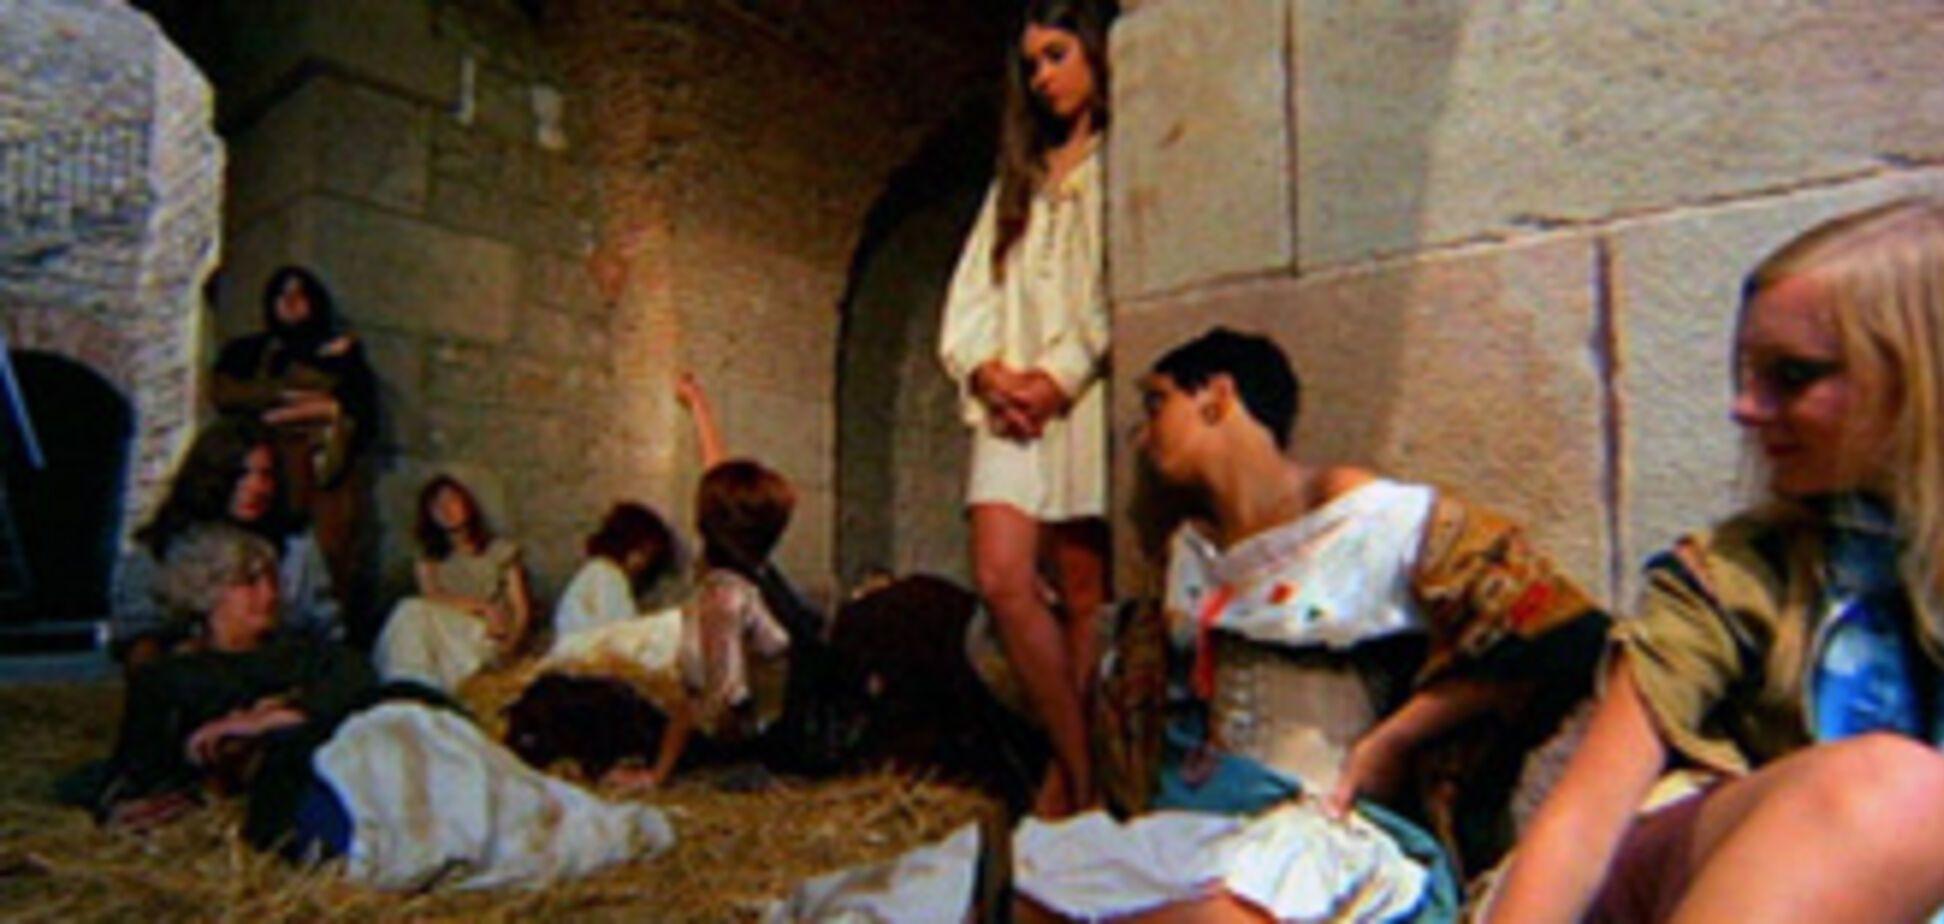 Українки продали у сексуальне рабство 12 дівчат